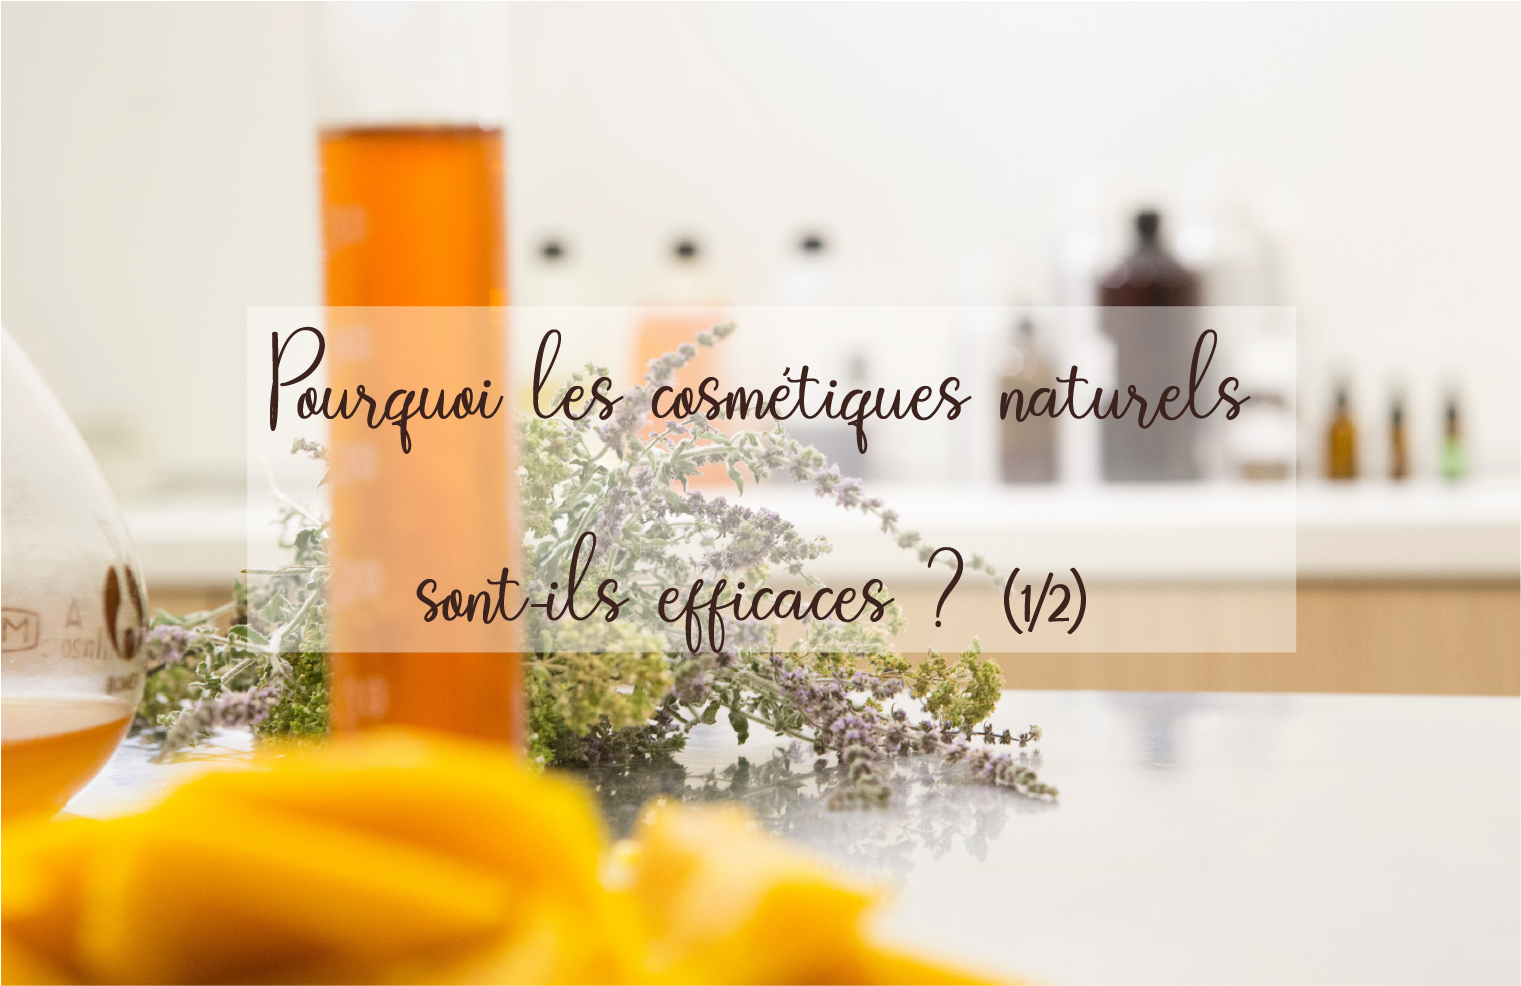 Pourquoi les cosmétiques naturels sont-ils efficaces (1/2)